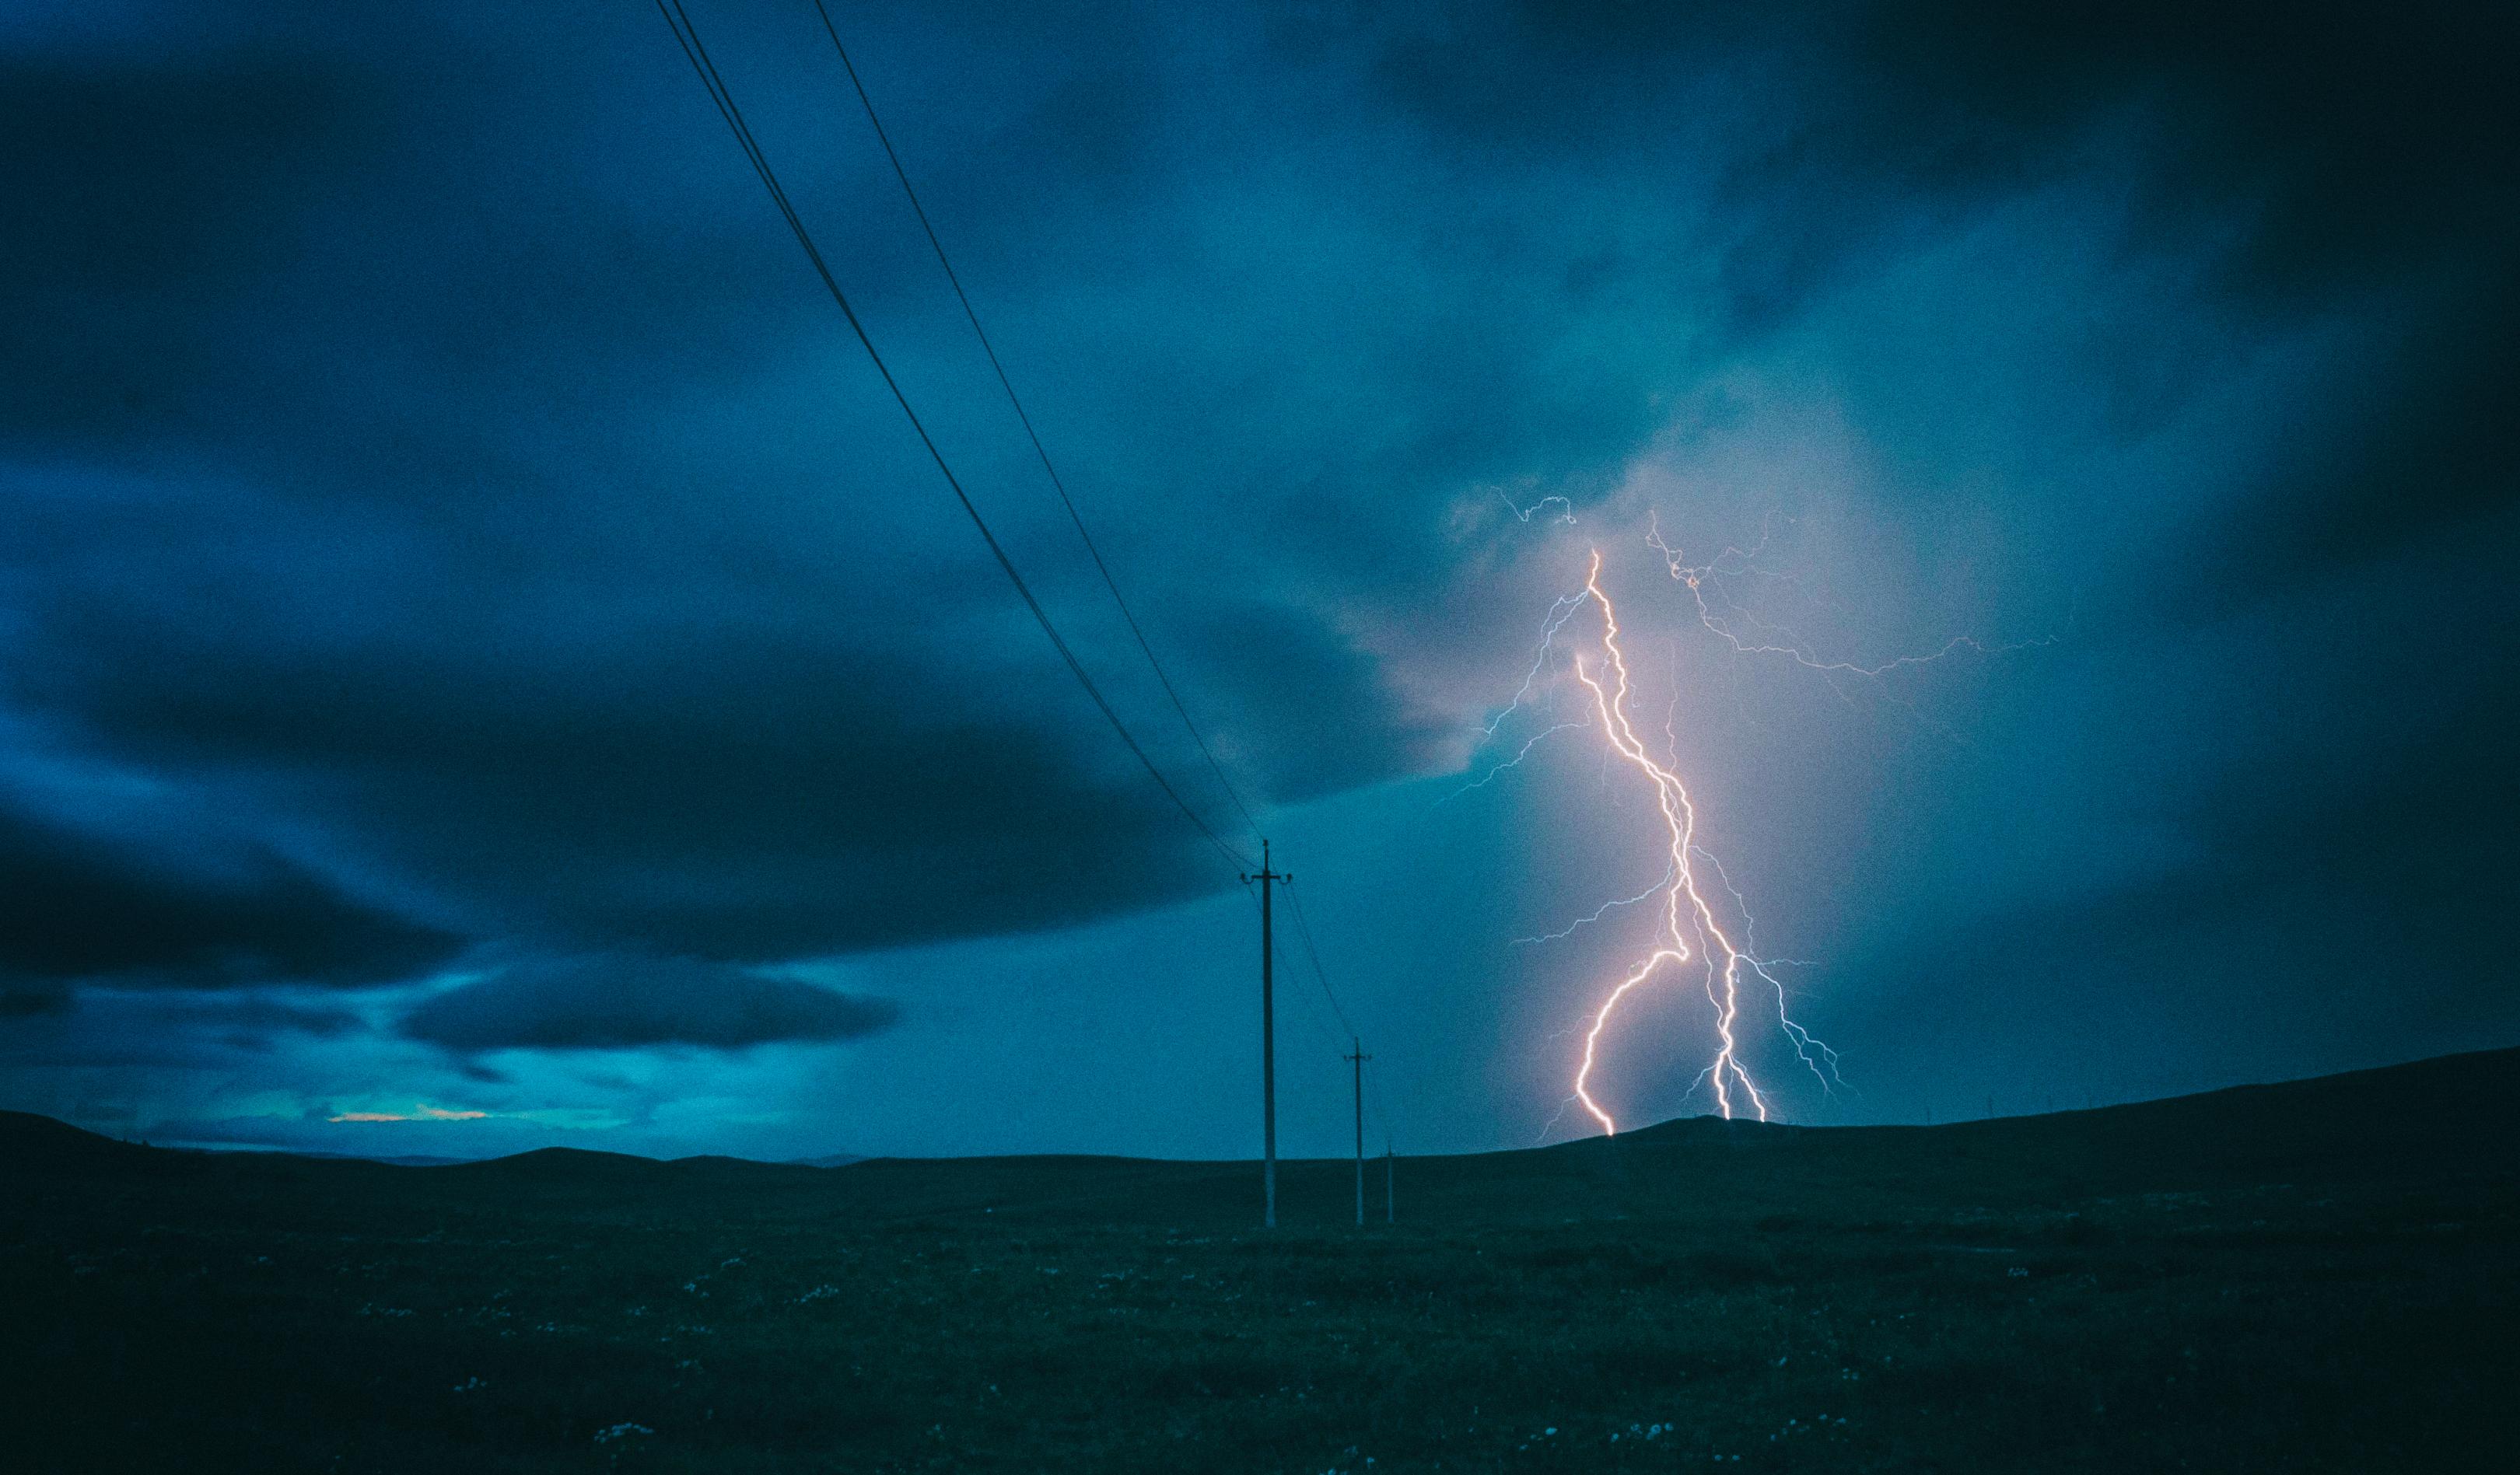 Машина научилась предсказывать угрозу аварийного отключения электричества